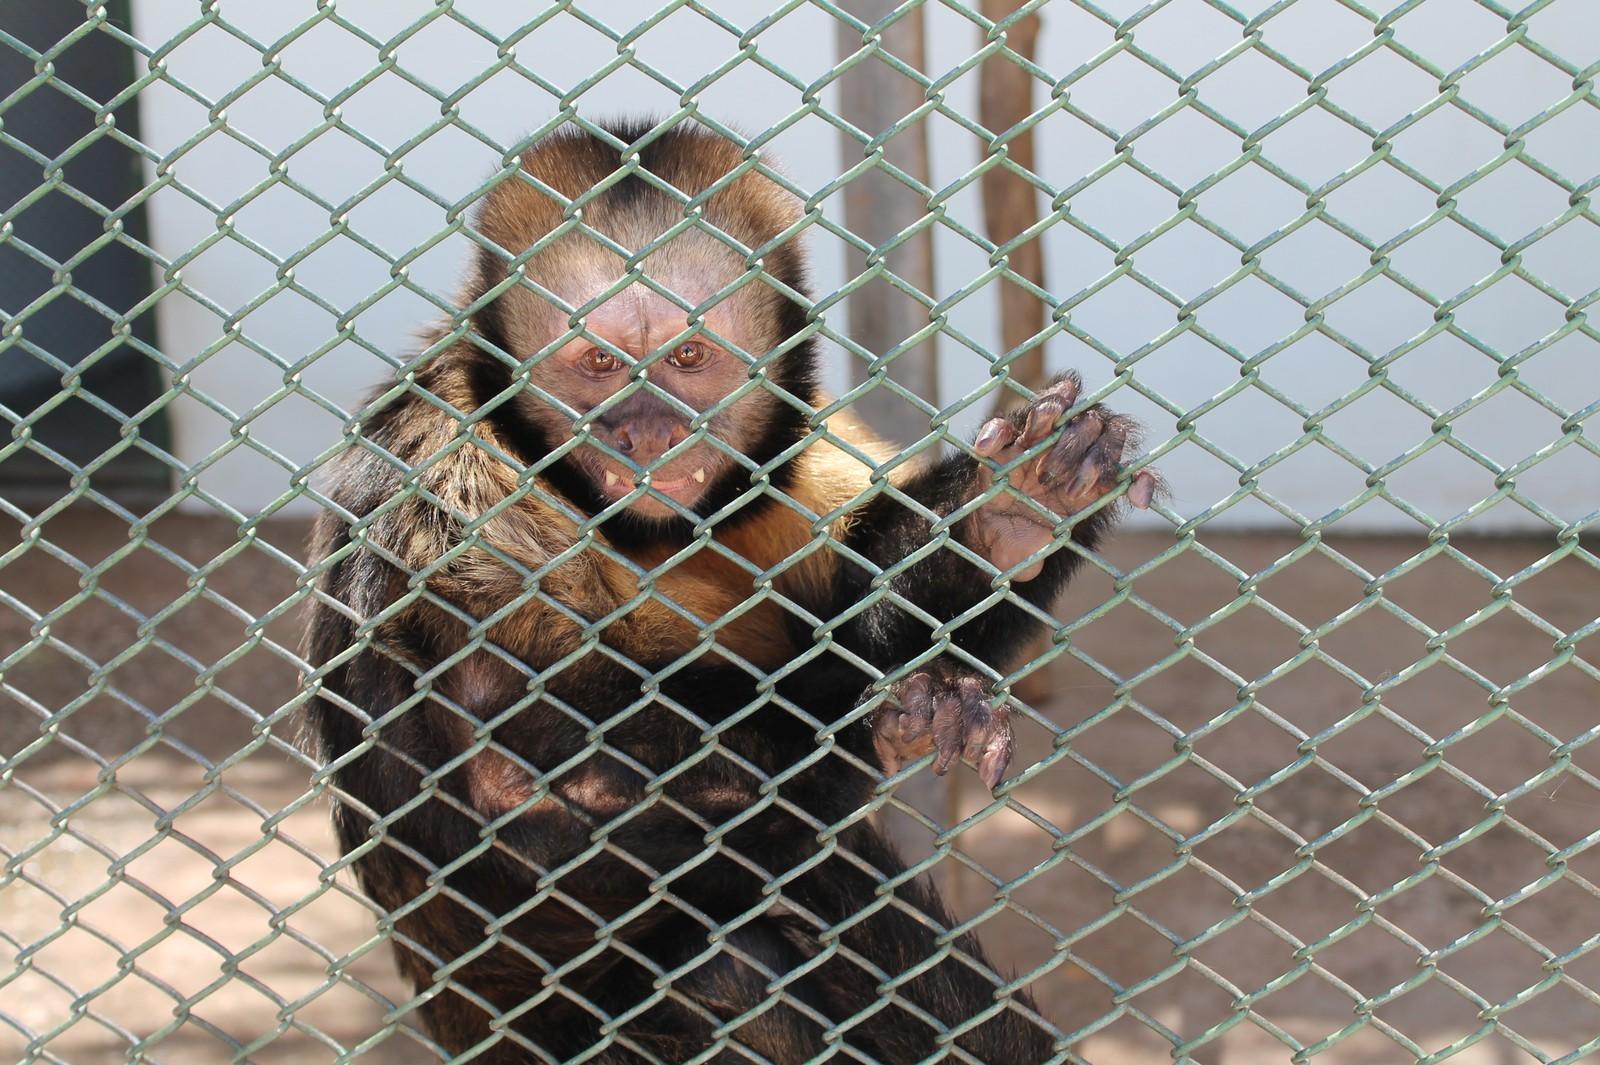 Macaco-prego-do-peito-amarelo trabalhava em circo antes do resgate (Foto: Amanda Lima)